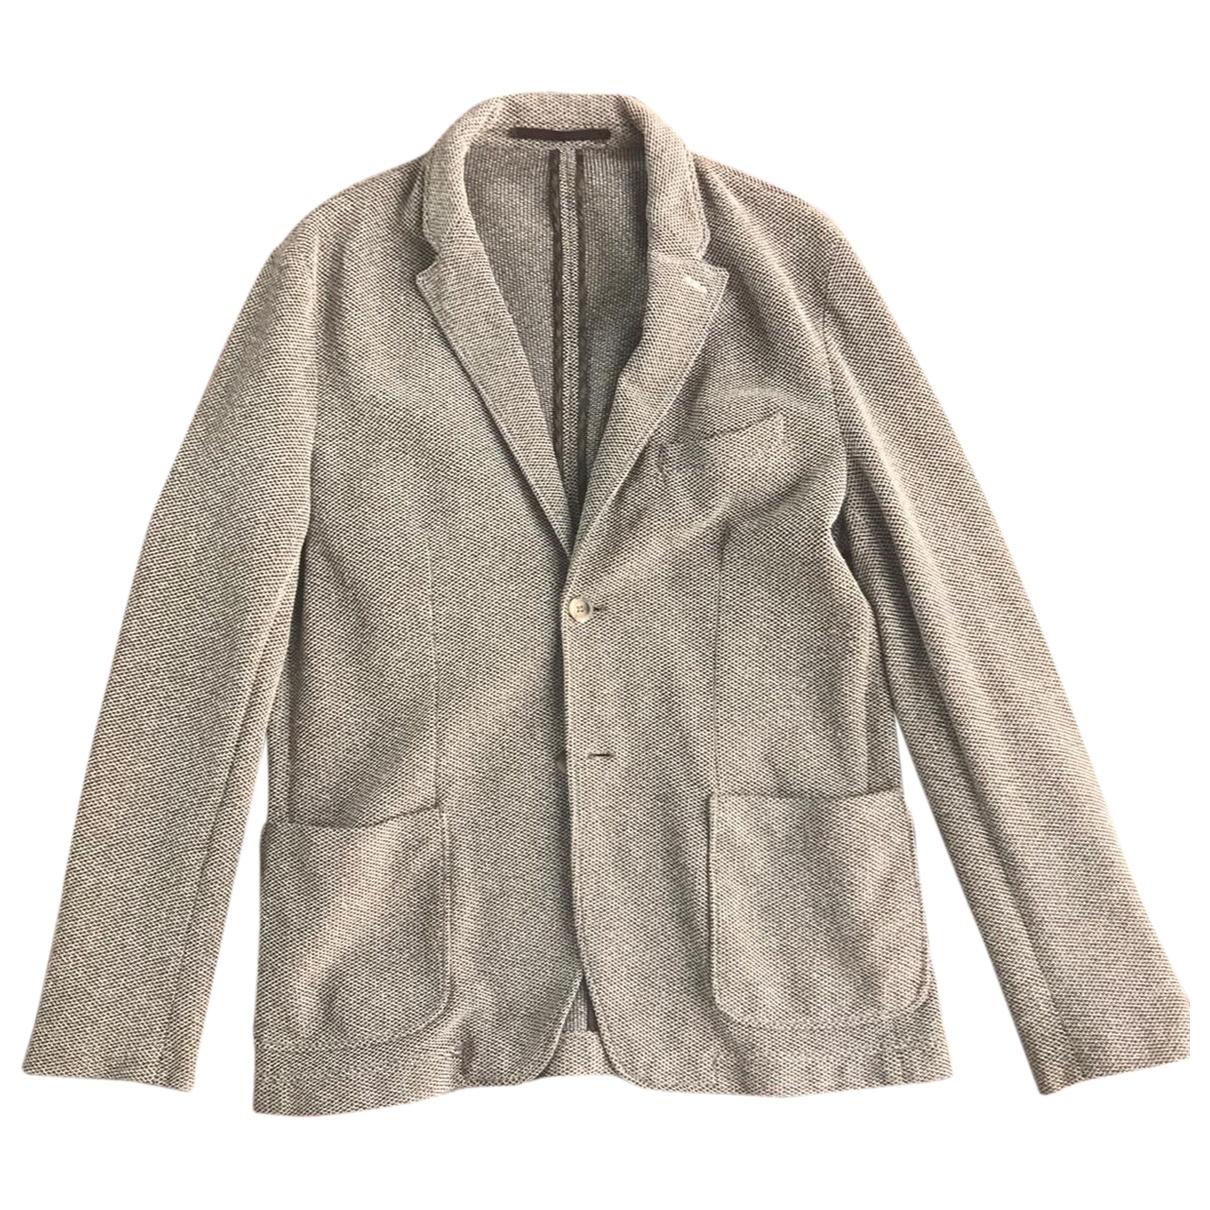 Zara \N Jacke in  Beige Baumwolle